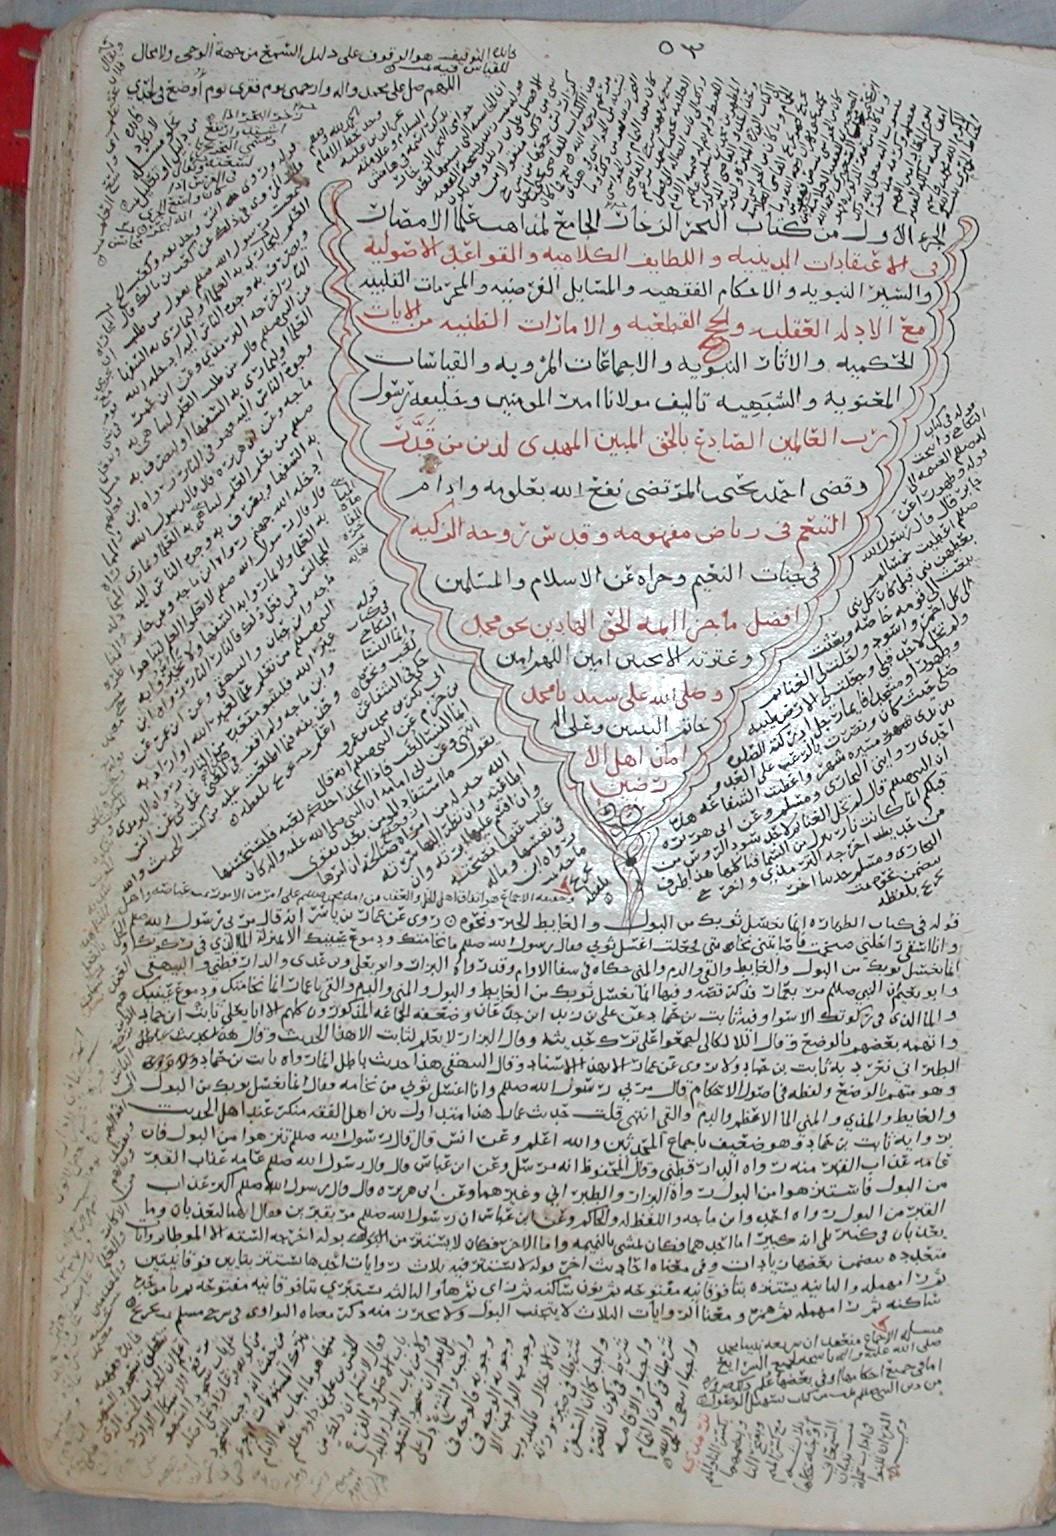 البحر الزخار الجامع لمذاهب علماء الأمصار مع حواش كثيرة